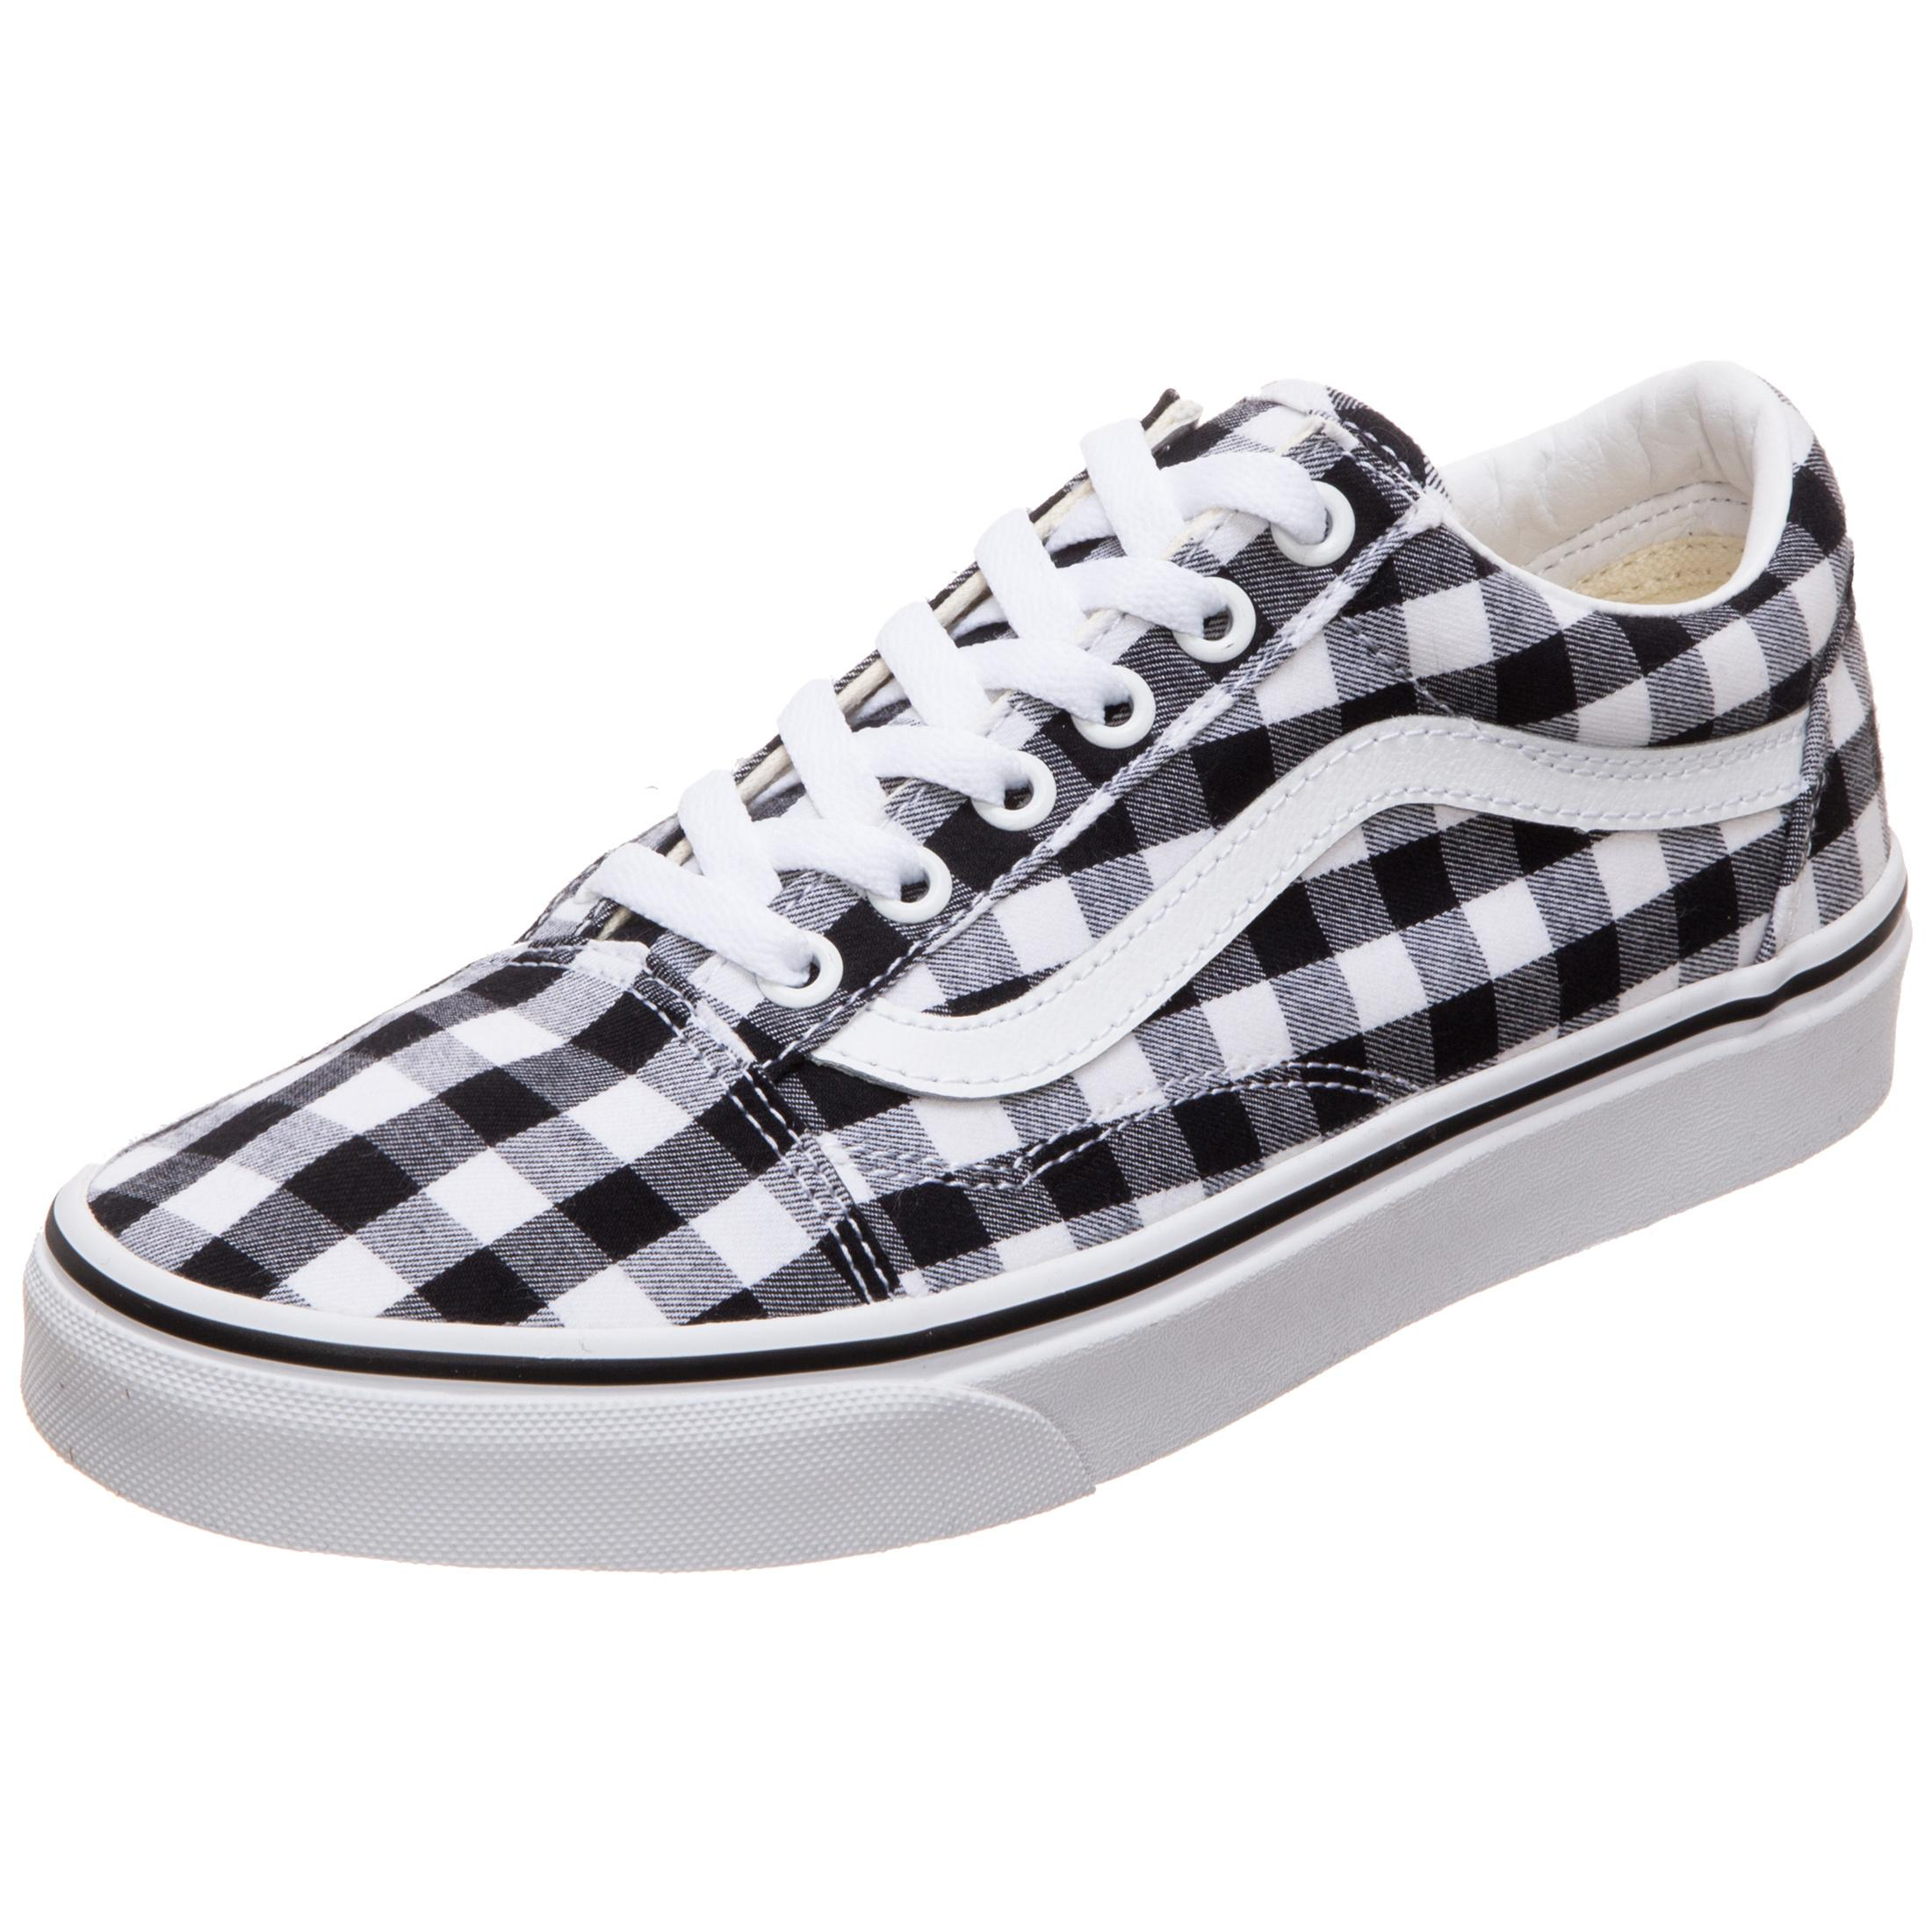 Vans Old Skool Sneaker Damen online kaufen | OTTO